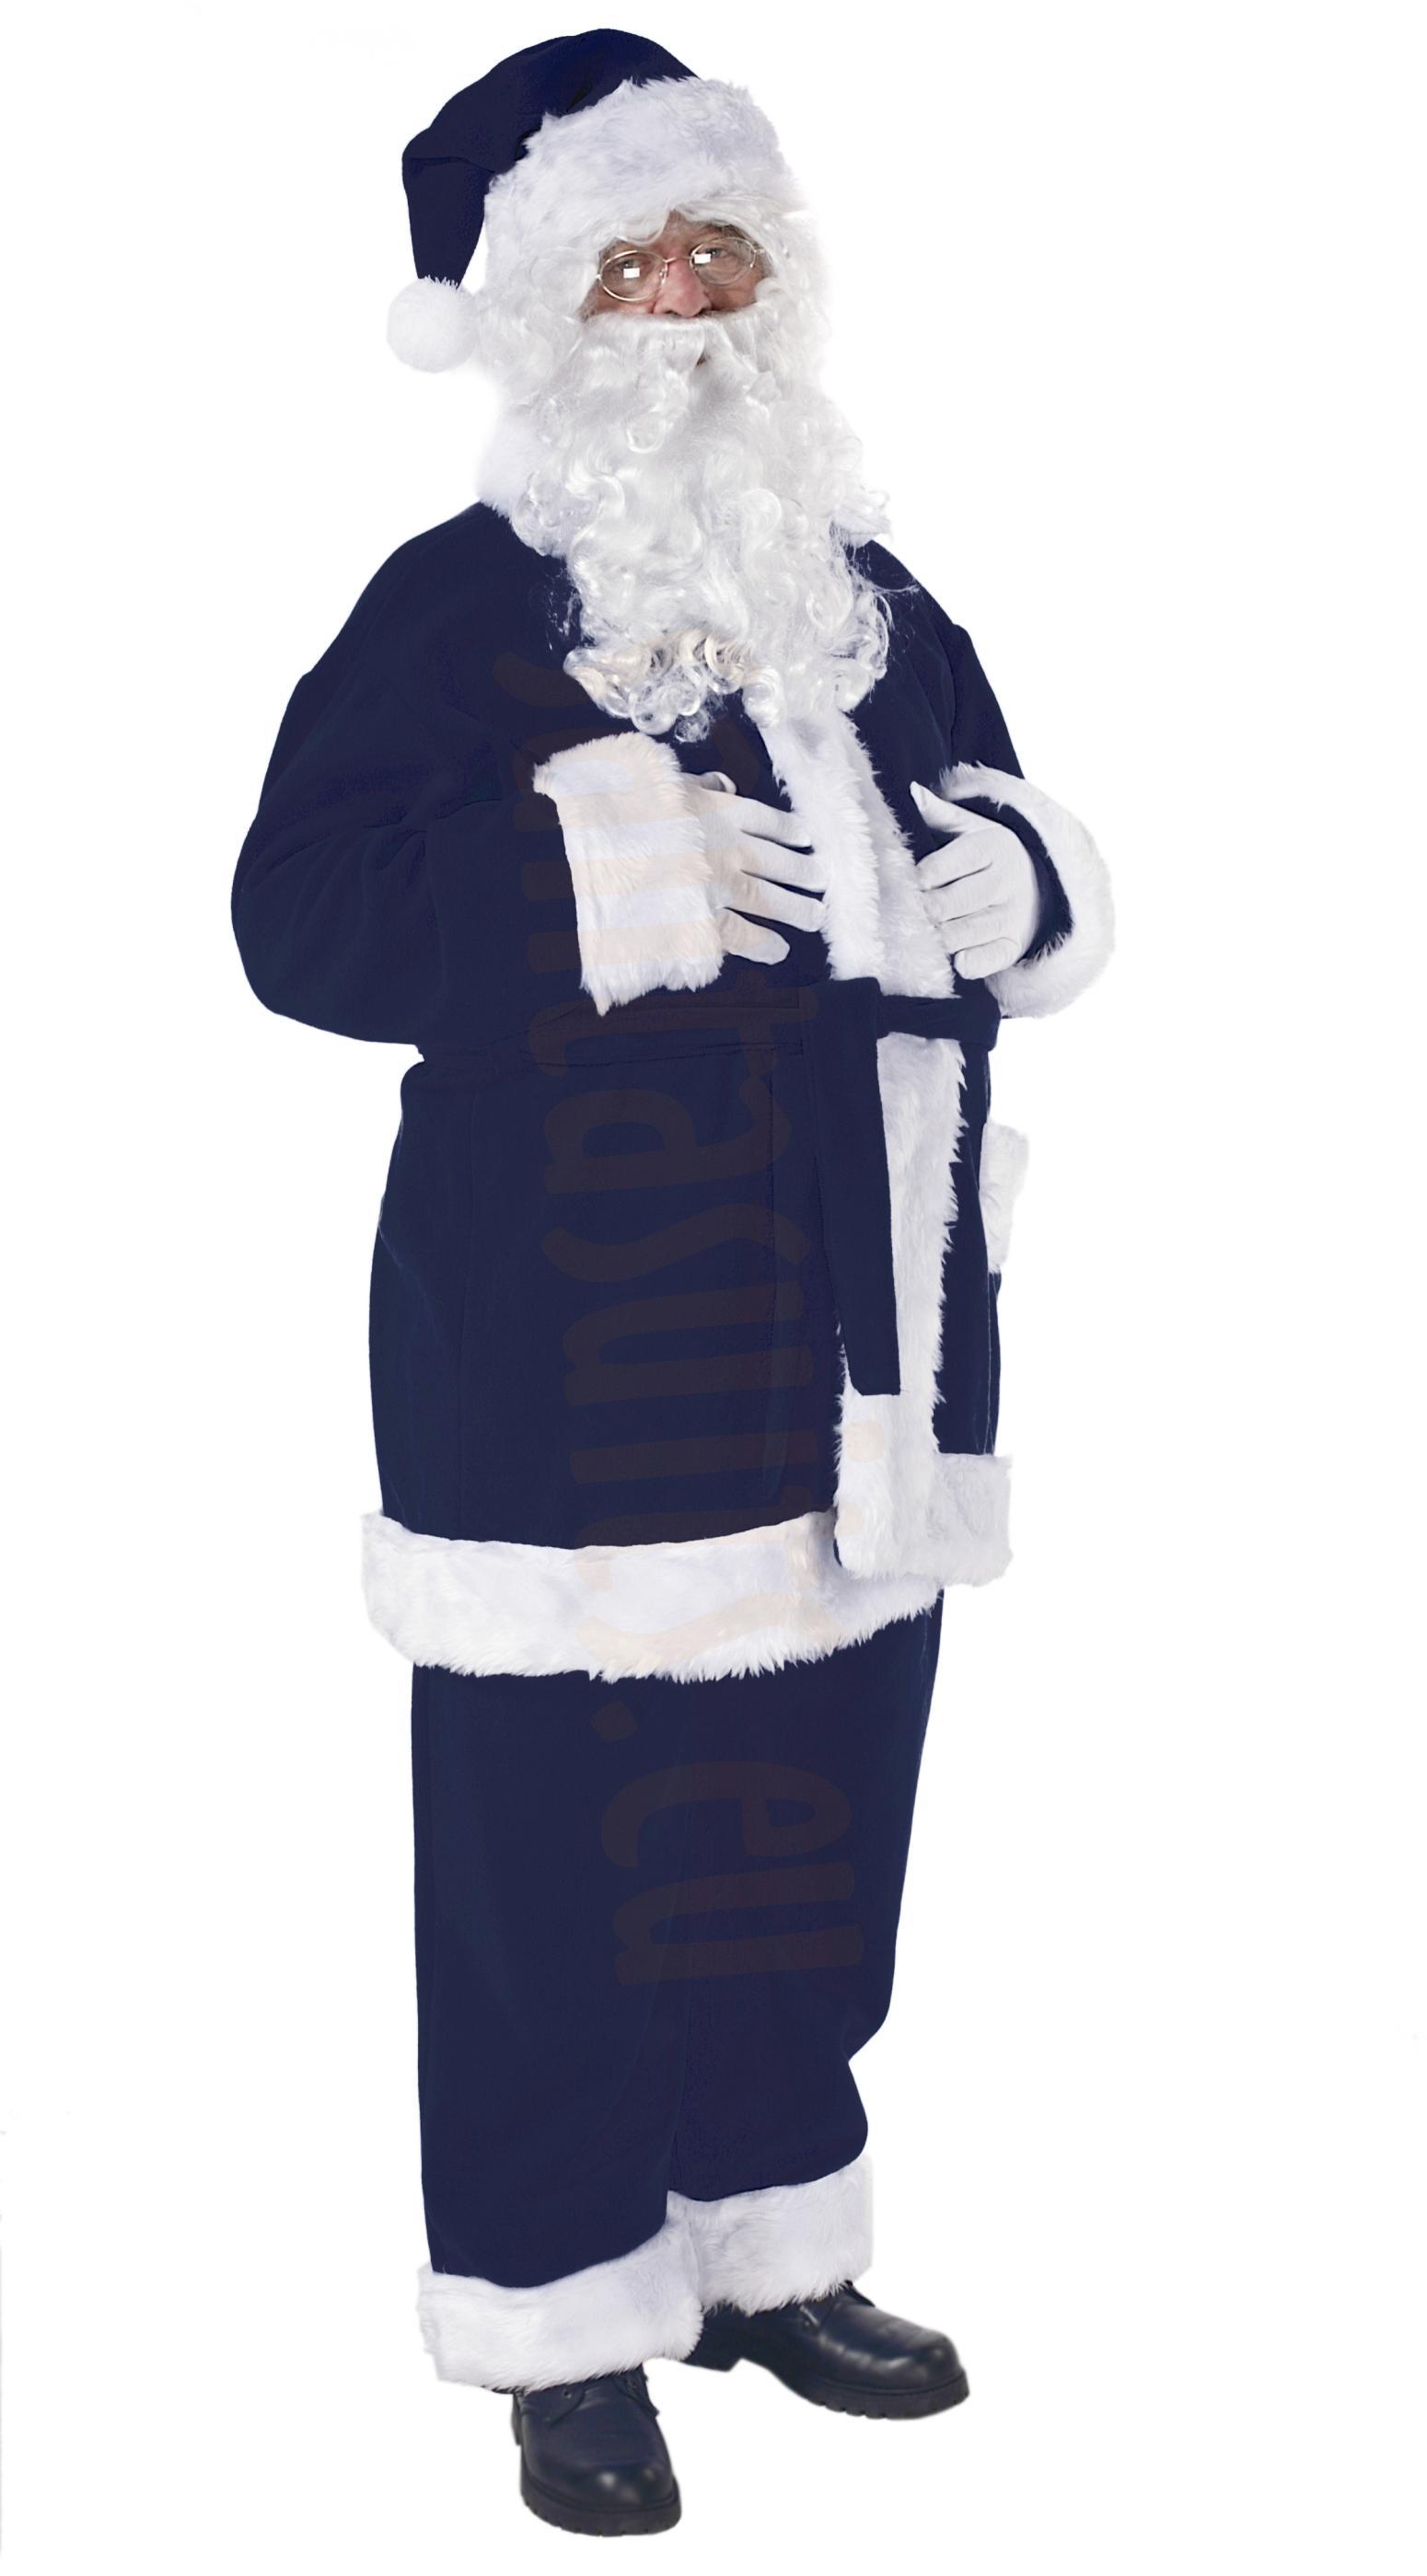 54181cd0878a7 navy-blue Santa suit - jacket